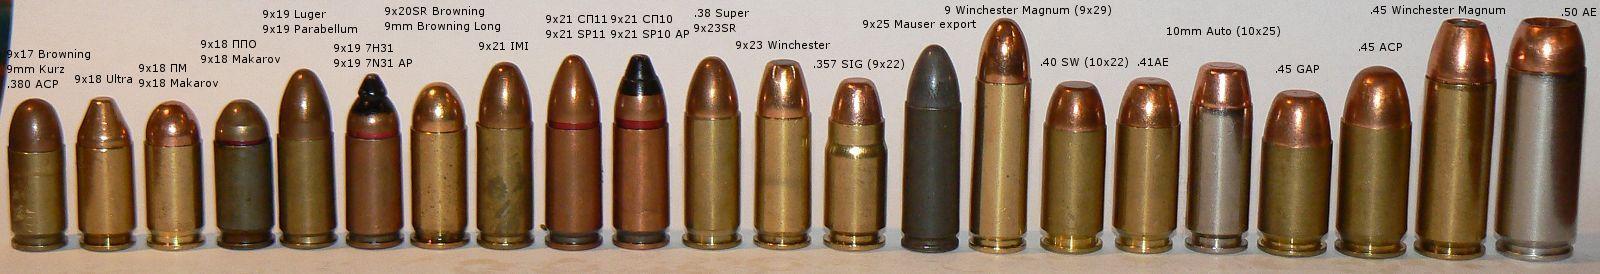 32 vs 380 Ammo